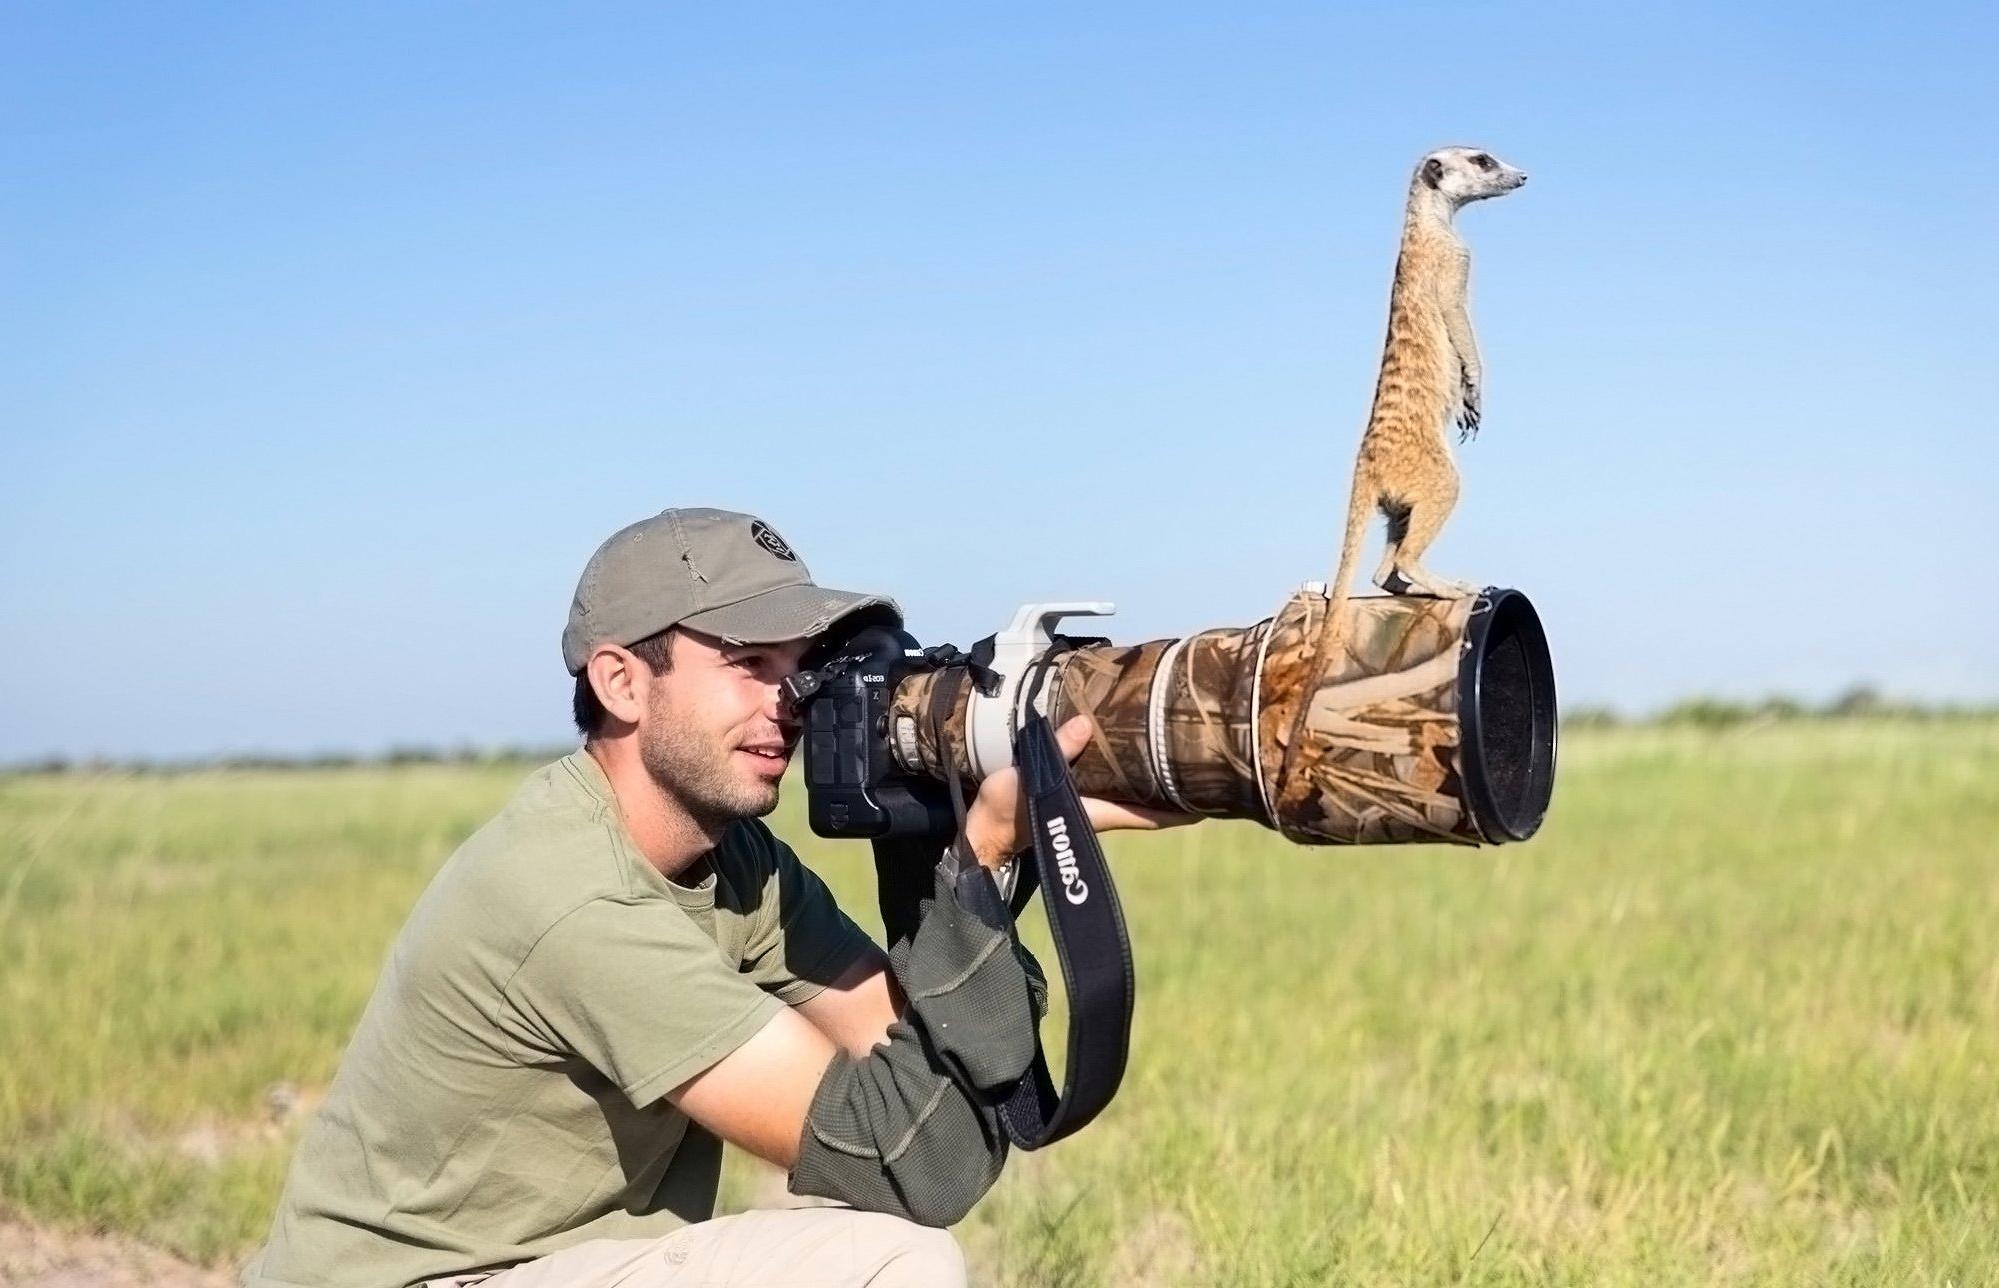 шары фото- профессиональный юмор фотографов призван показать